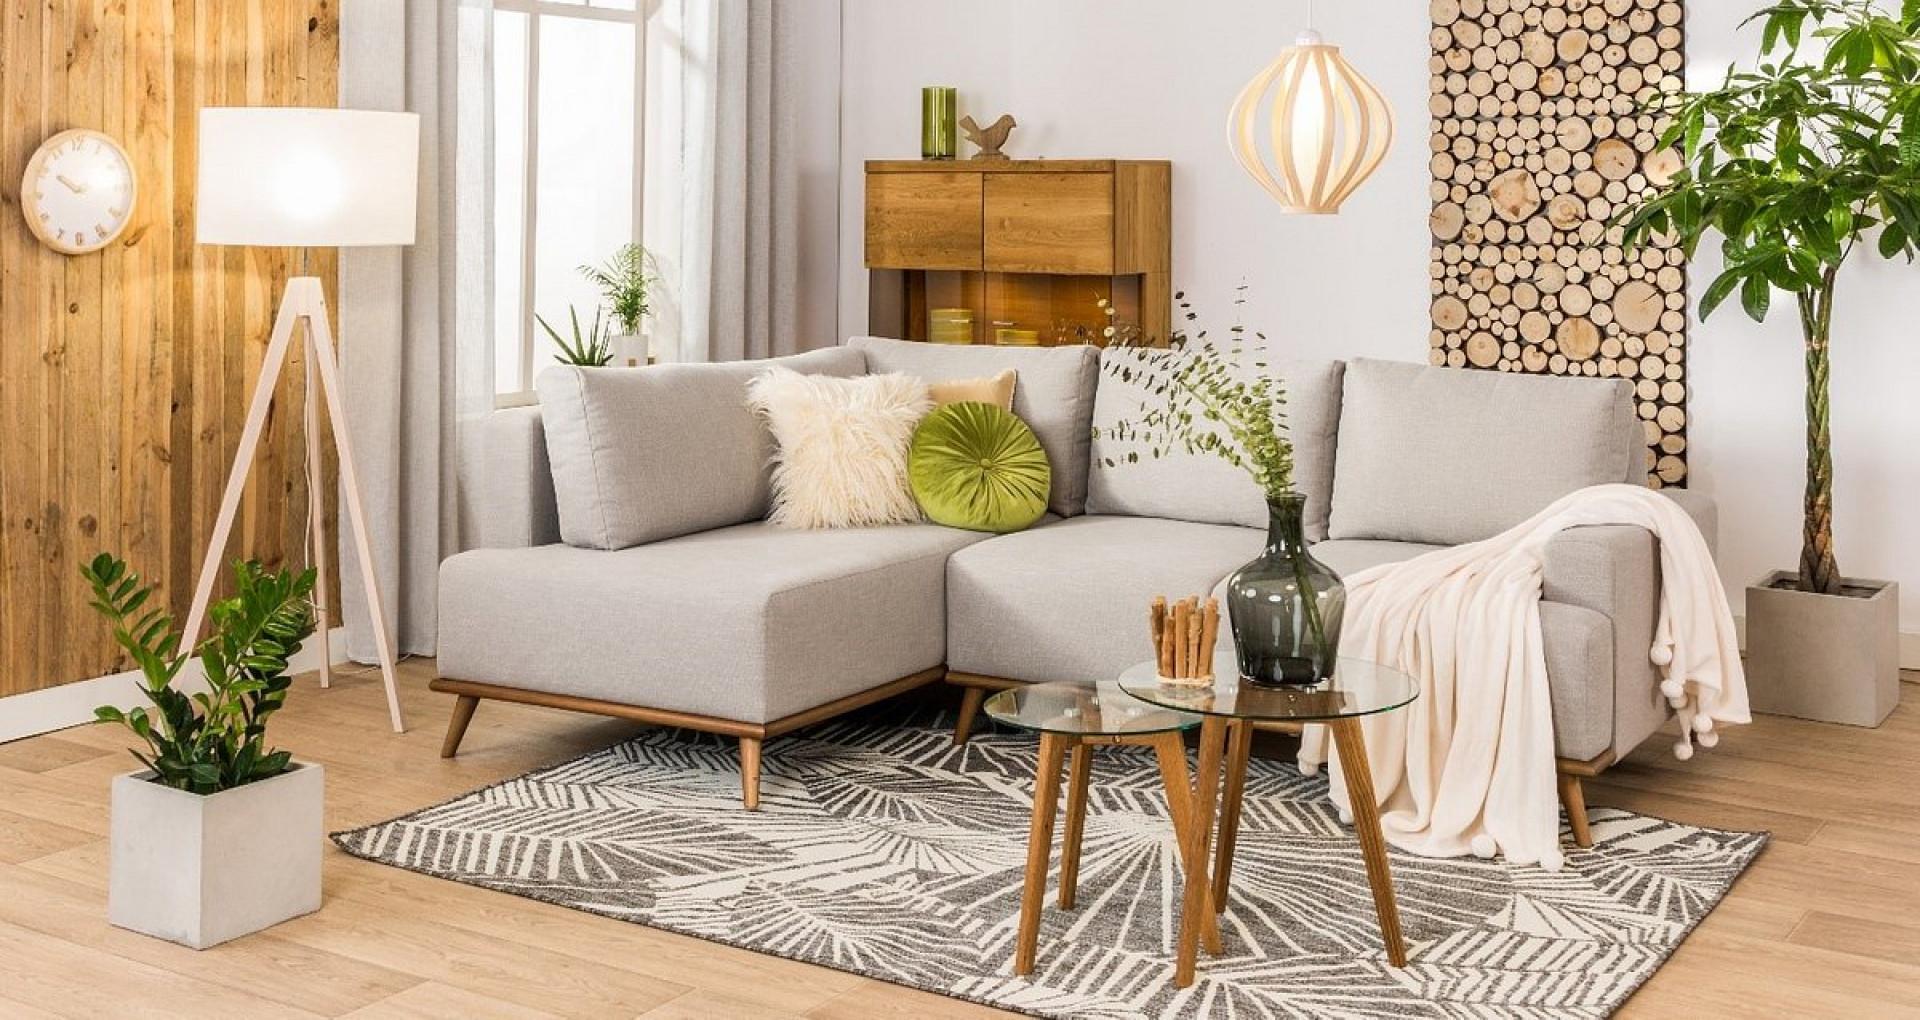 Wnętrze w stylu eko lubi proste konstrukcje i stonowane kolory w odcieniach beżu, brązu, zieleni czy szarości. Fot. Agata